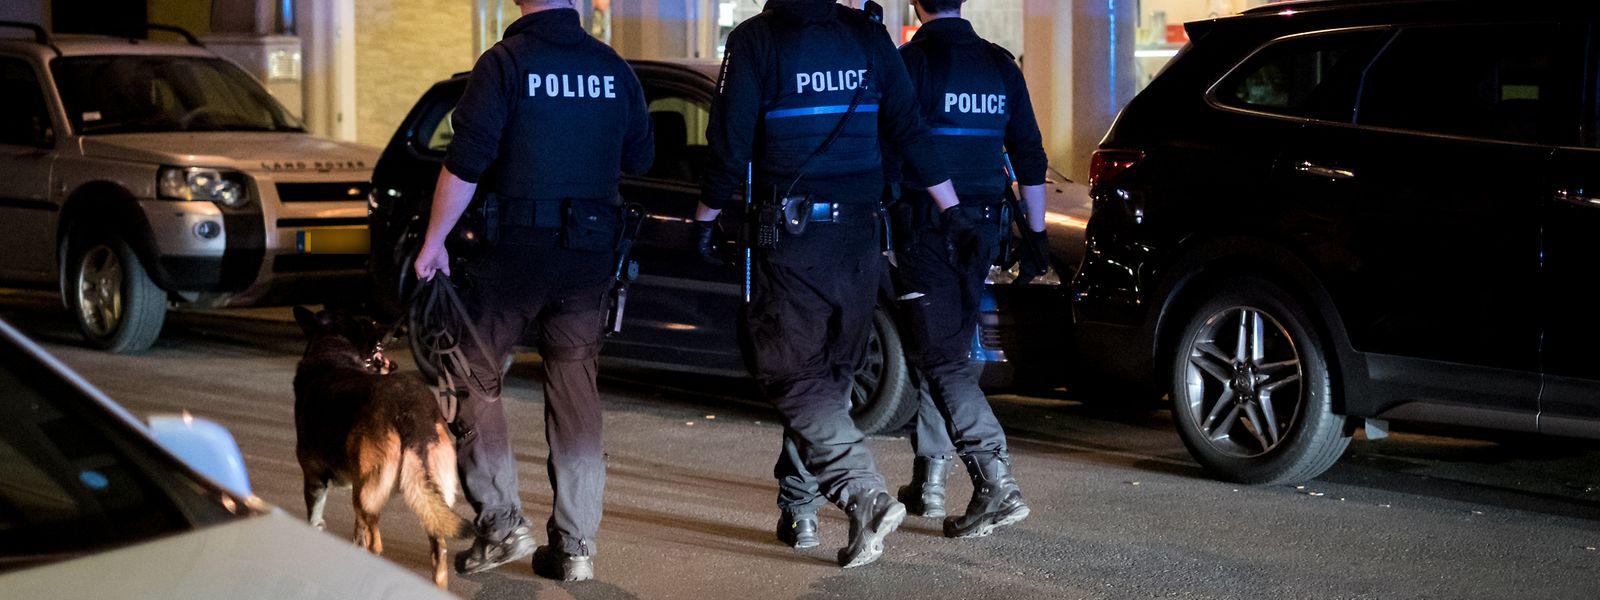 Polizeitaktik im Kampf gegen den Drogenhandel: Straßenabschnitte werden abgesperrt und dann mit Drogenspürhunden abgeschritten. Wer flüchtet, wird kontrolliert.